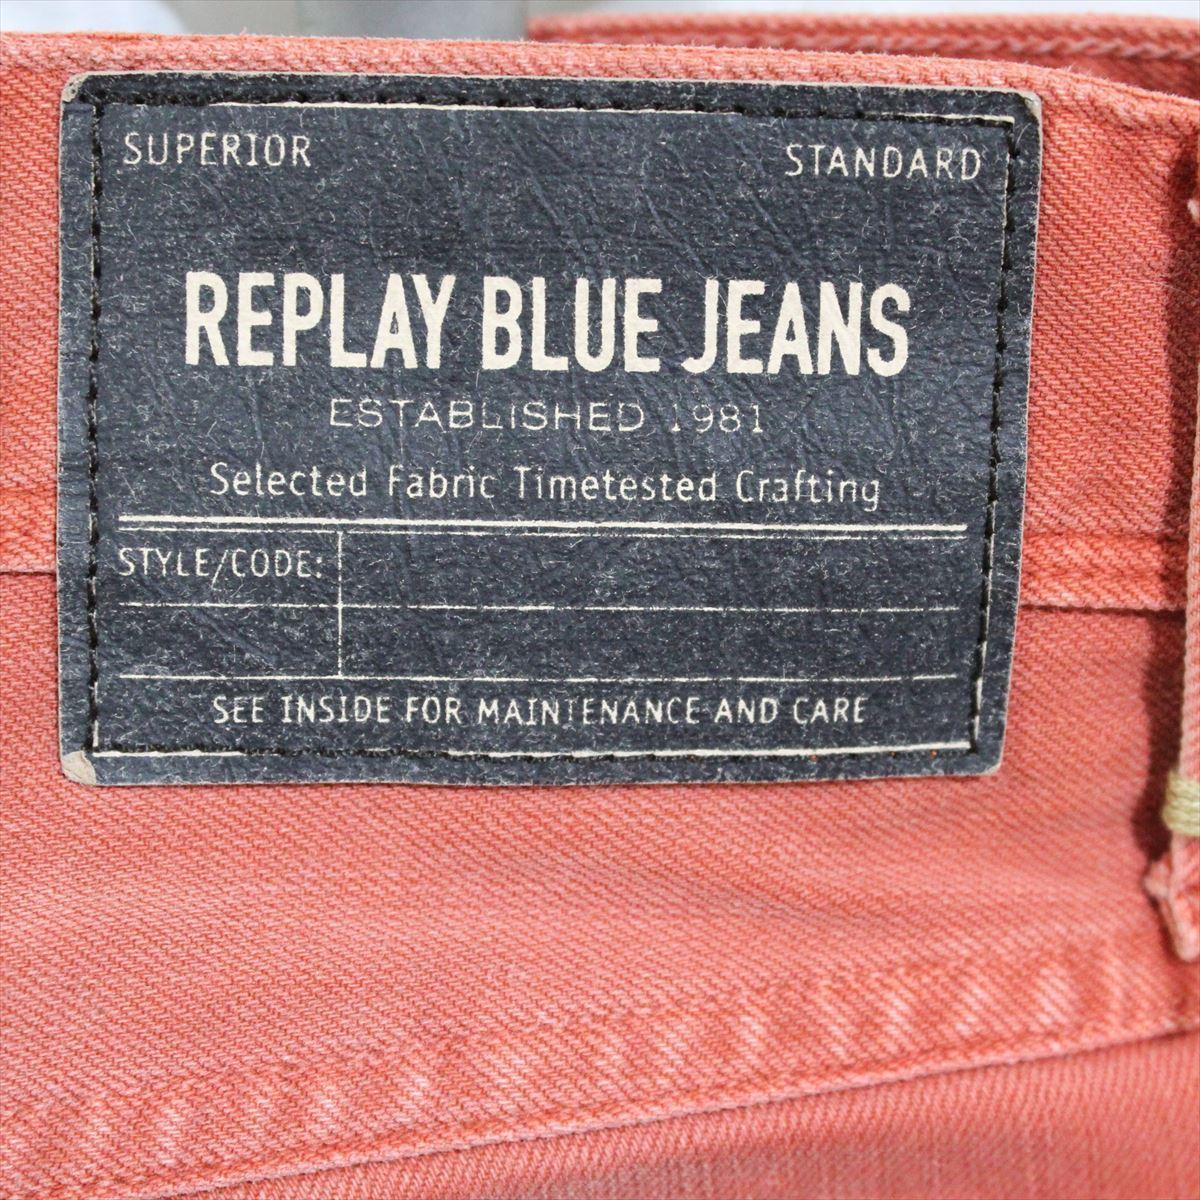 リプレイ REPLAY メンズカラーパンツ ジーンズ デニムパンツ SLIM レンガ色 33インチ 新品 REPLAY BLUE JEANS anbass slim jeans_画像5